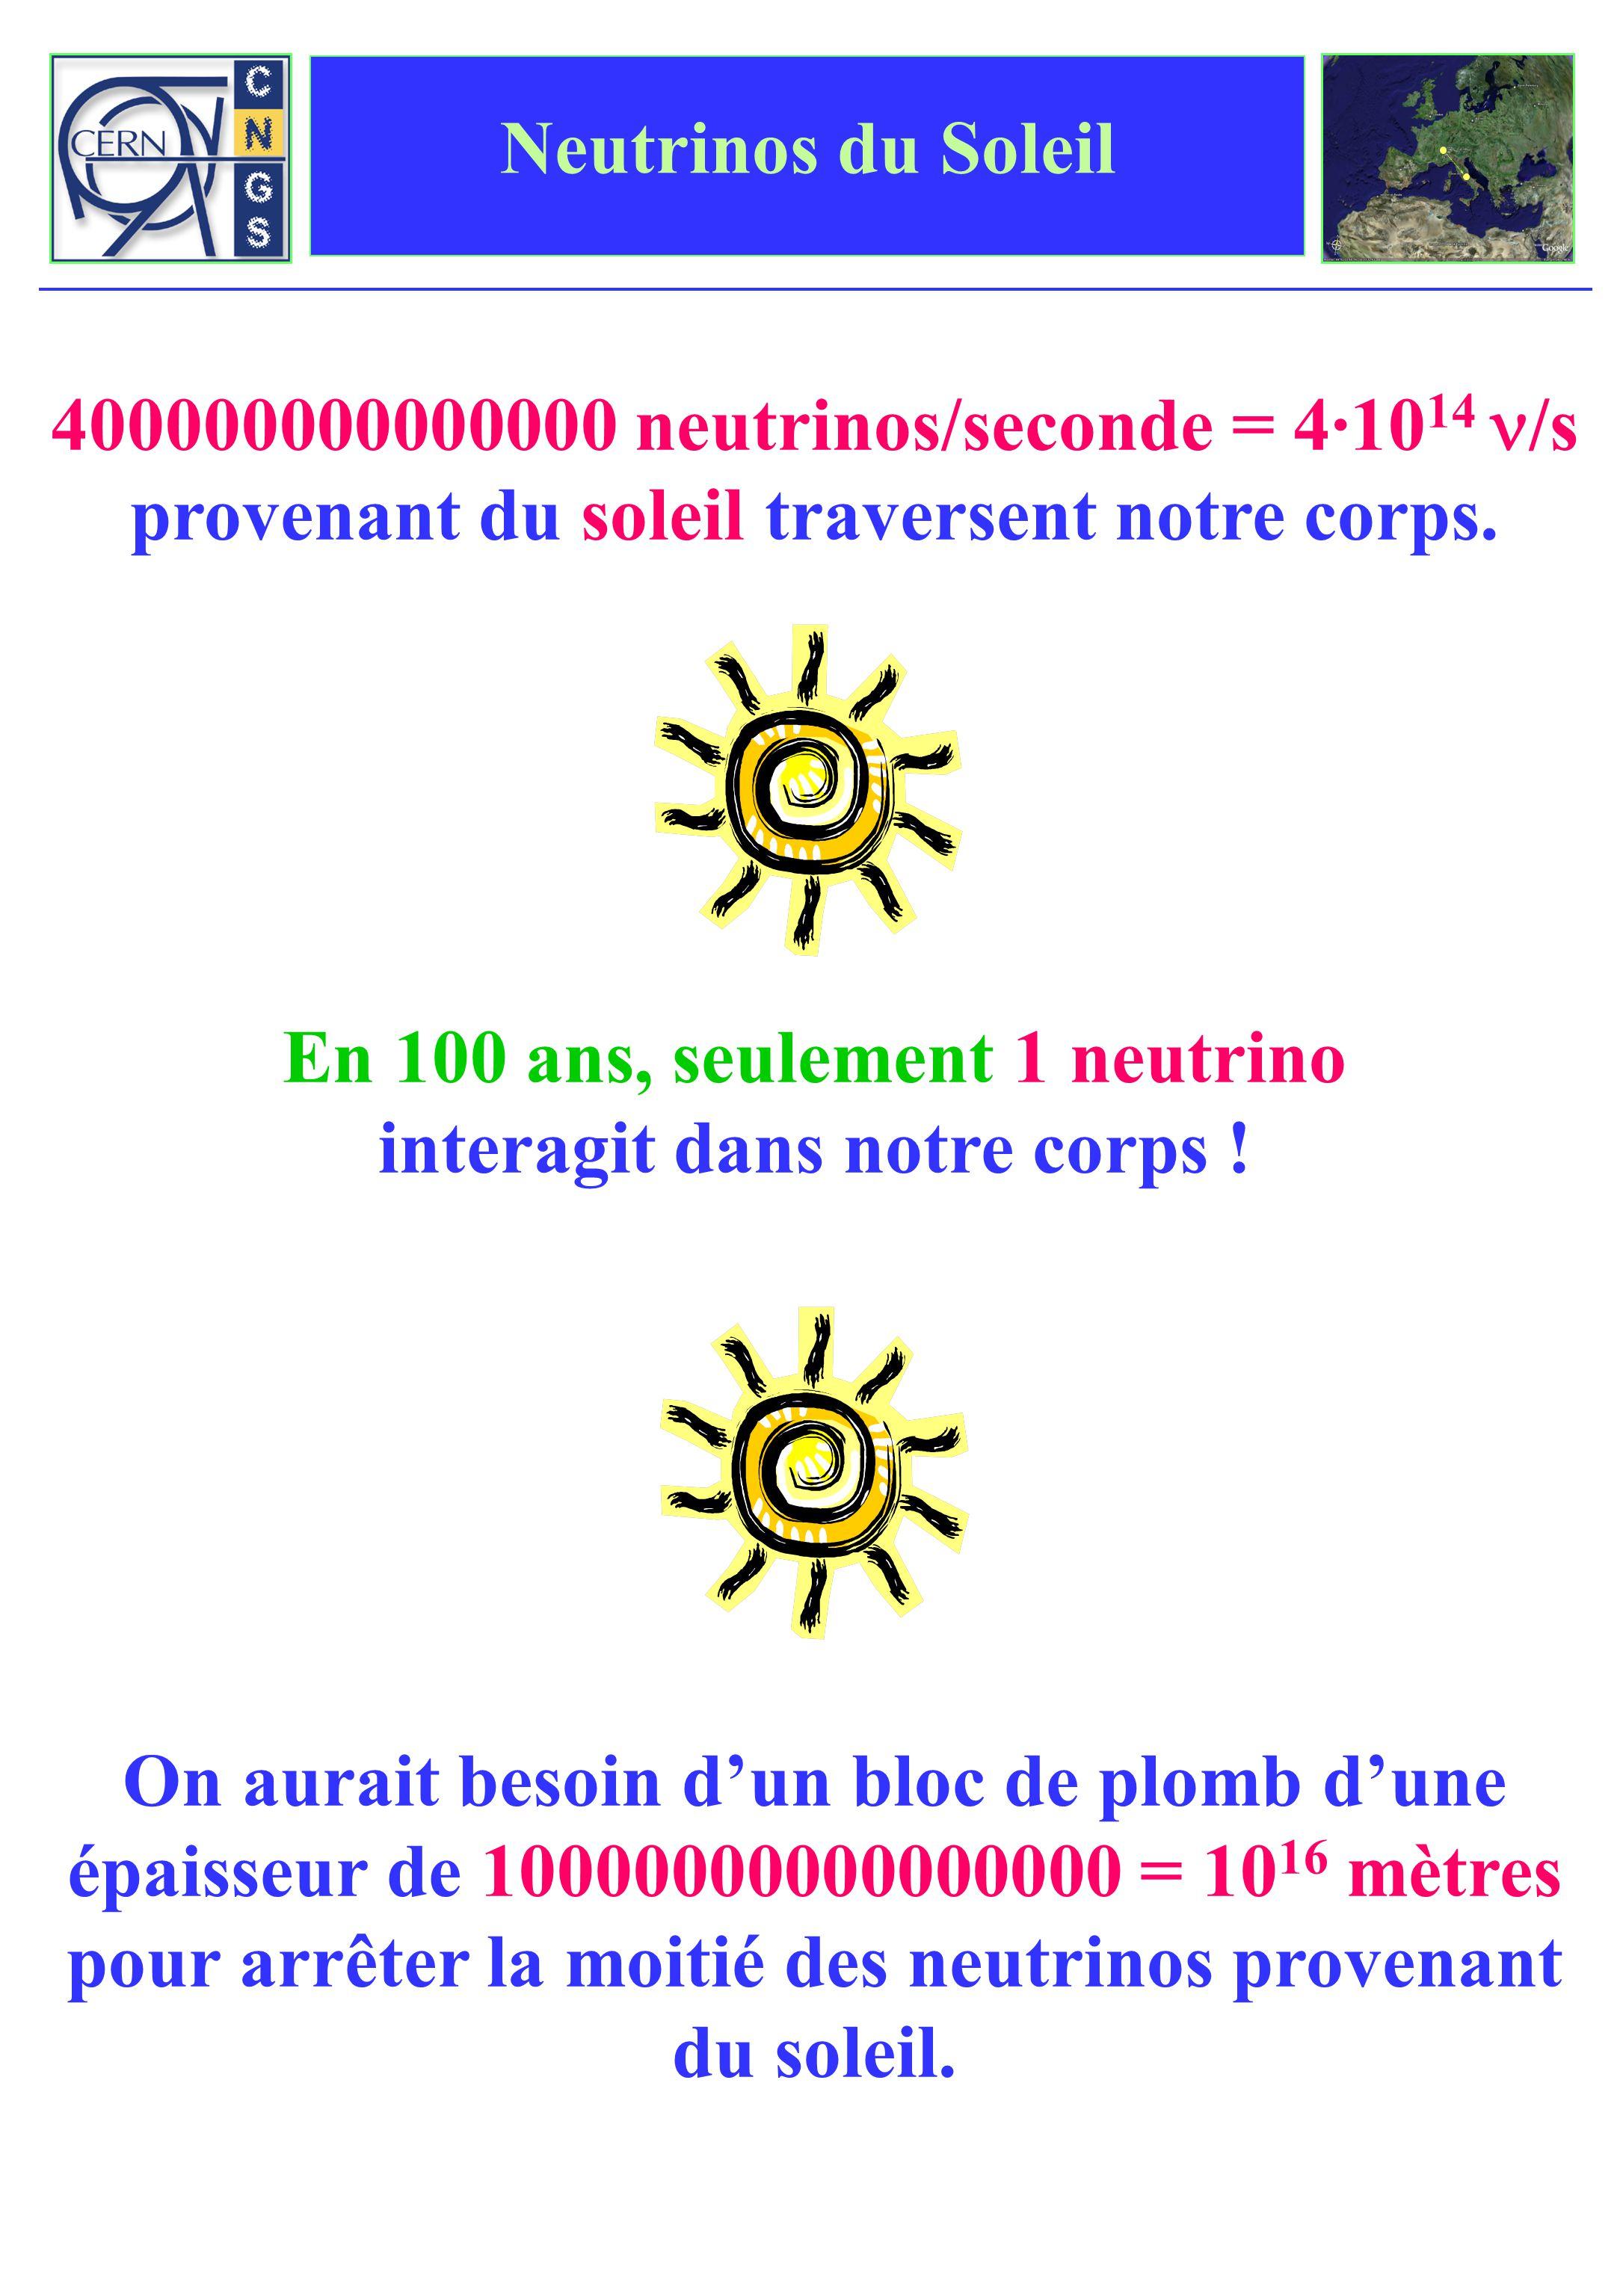 Les neutrinos sont partout parmi nous...